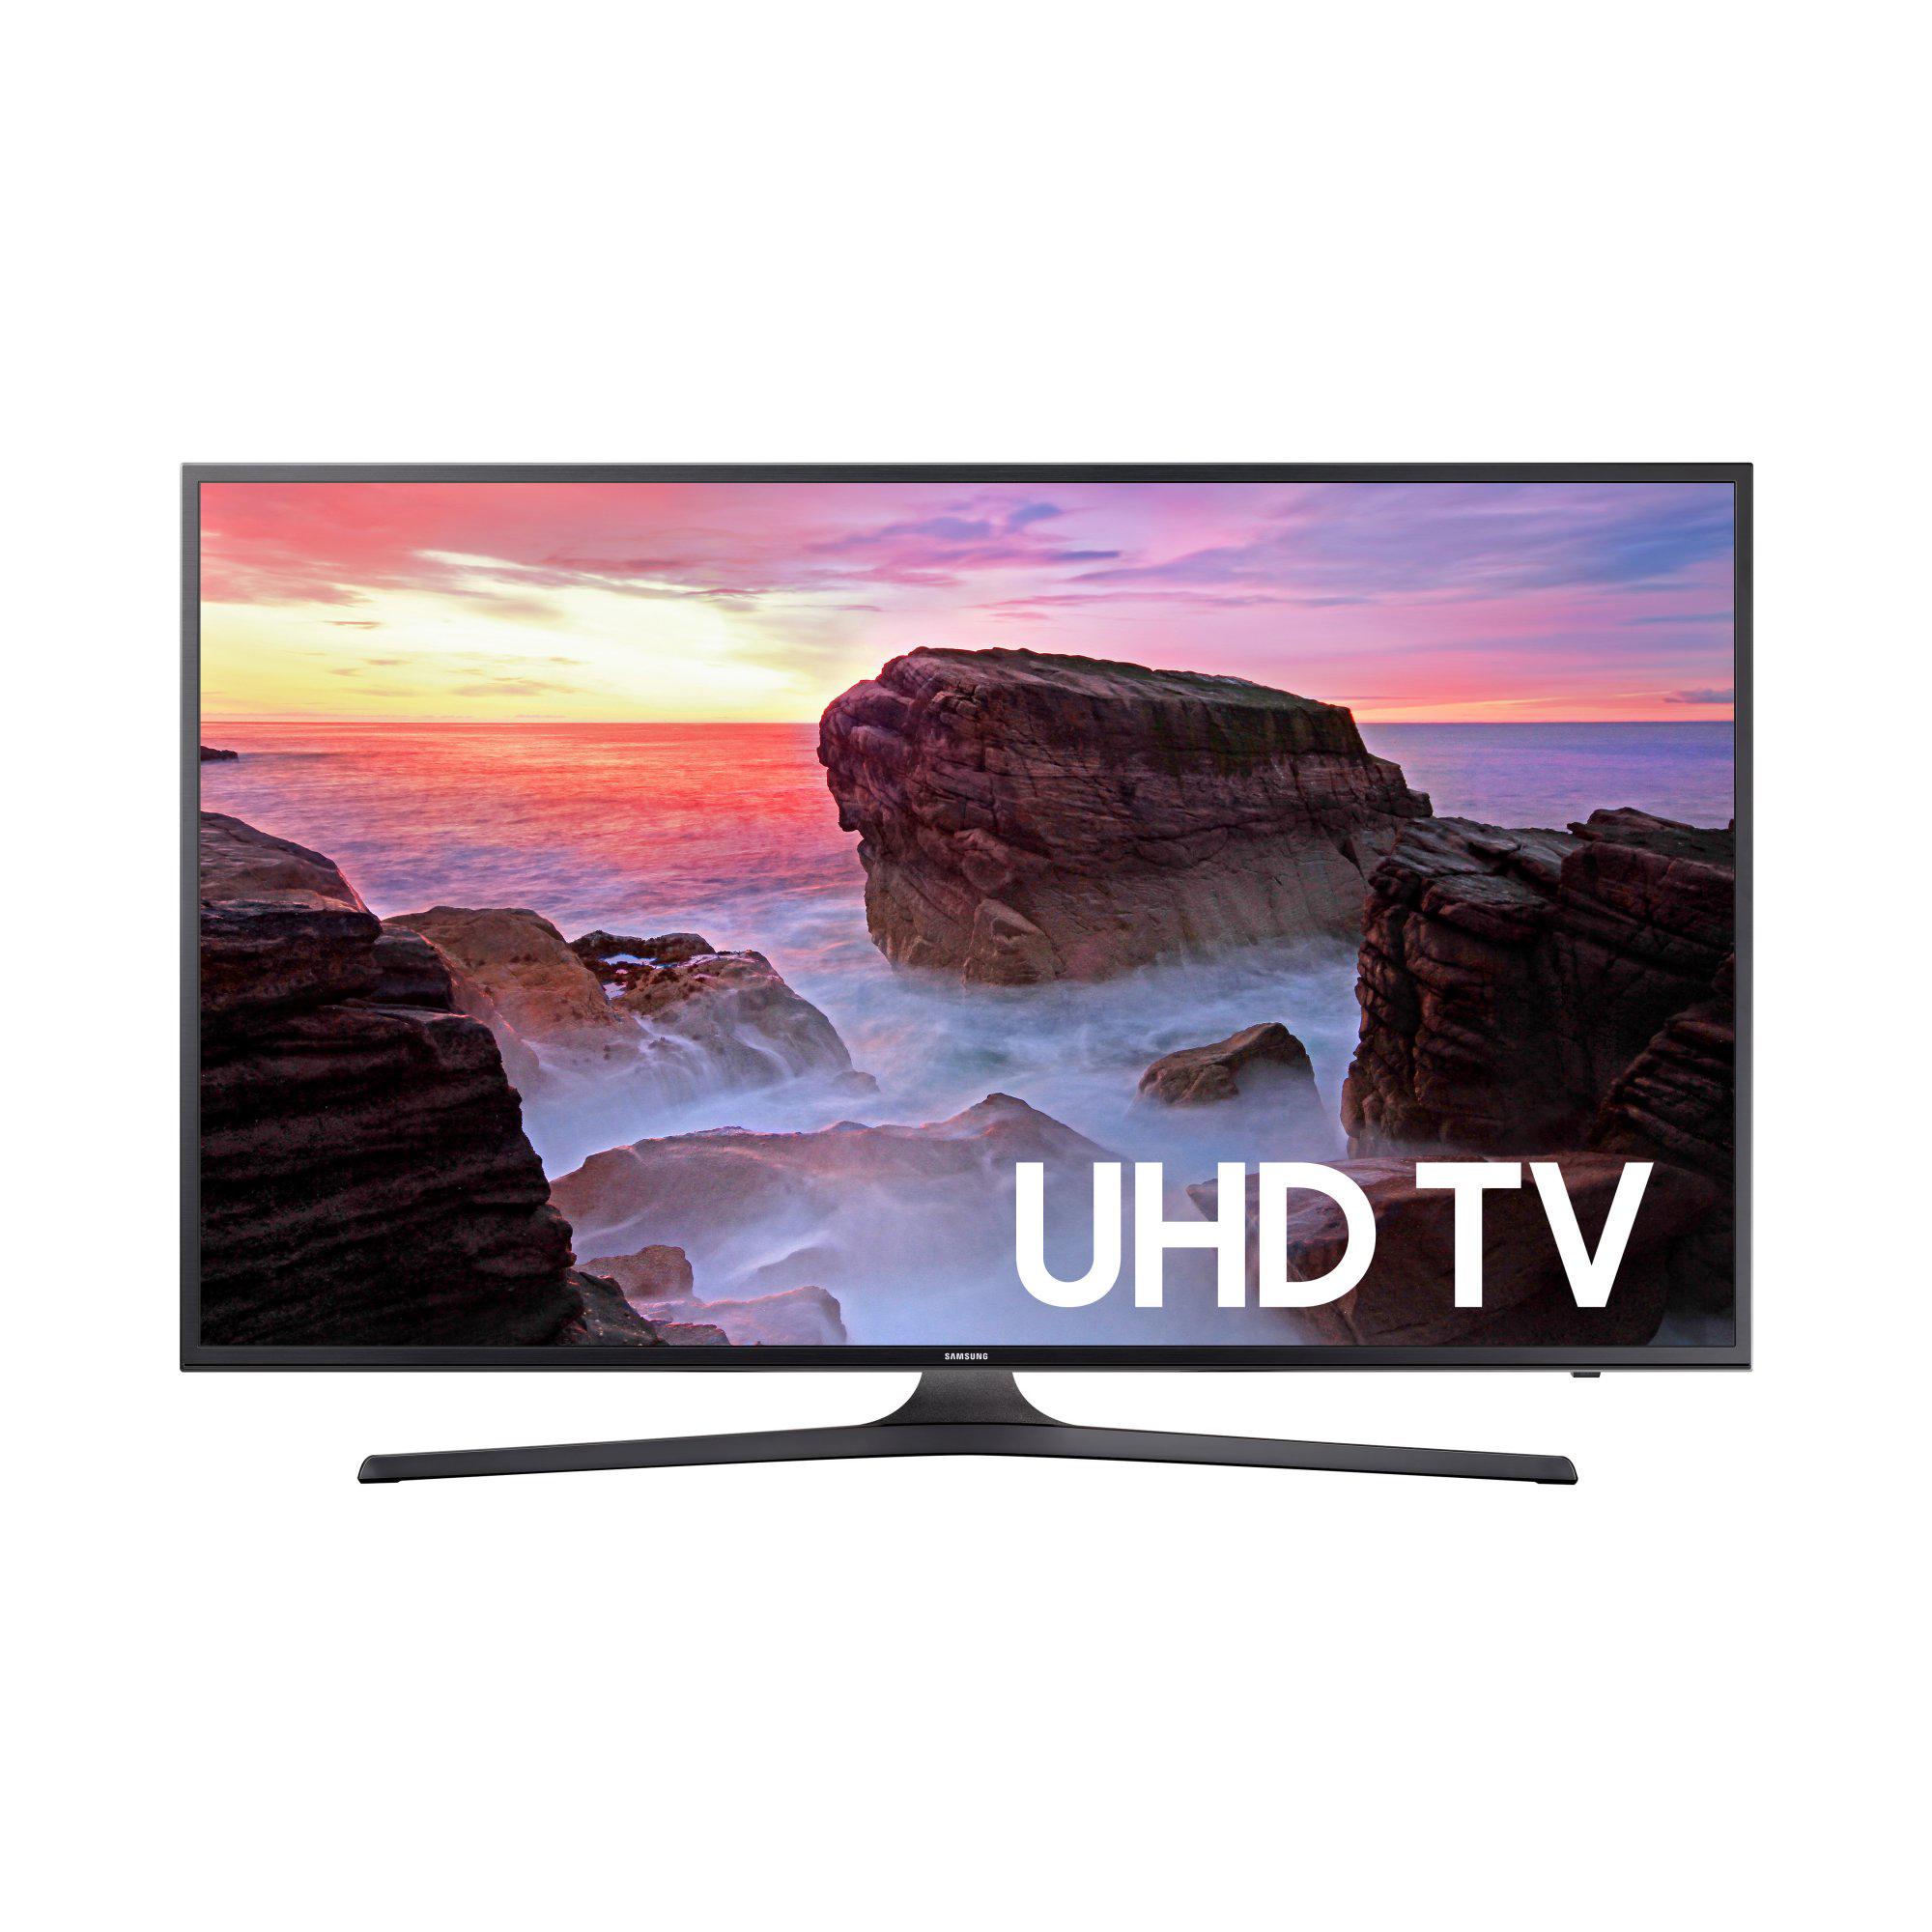 Samsung UN58MU6070 4K UHD HDR Smart LED HDTV $528 + Free Store Pickup @ Walmart